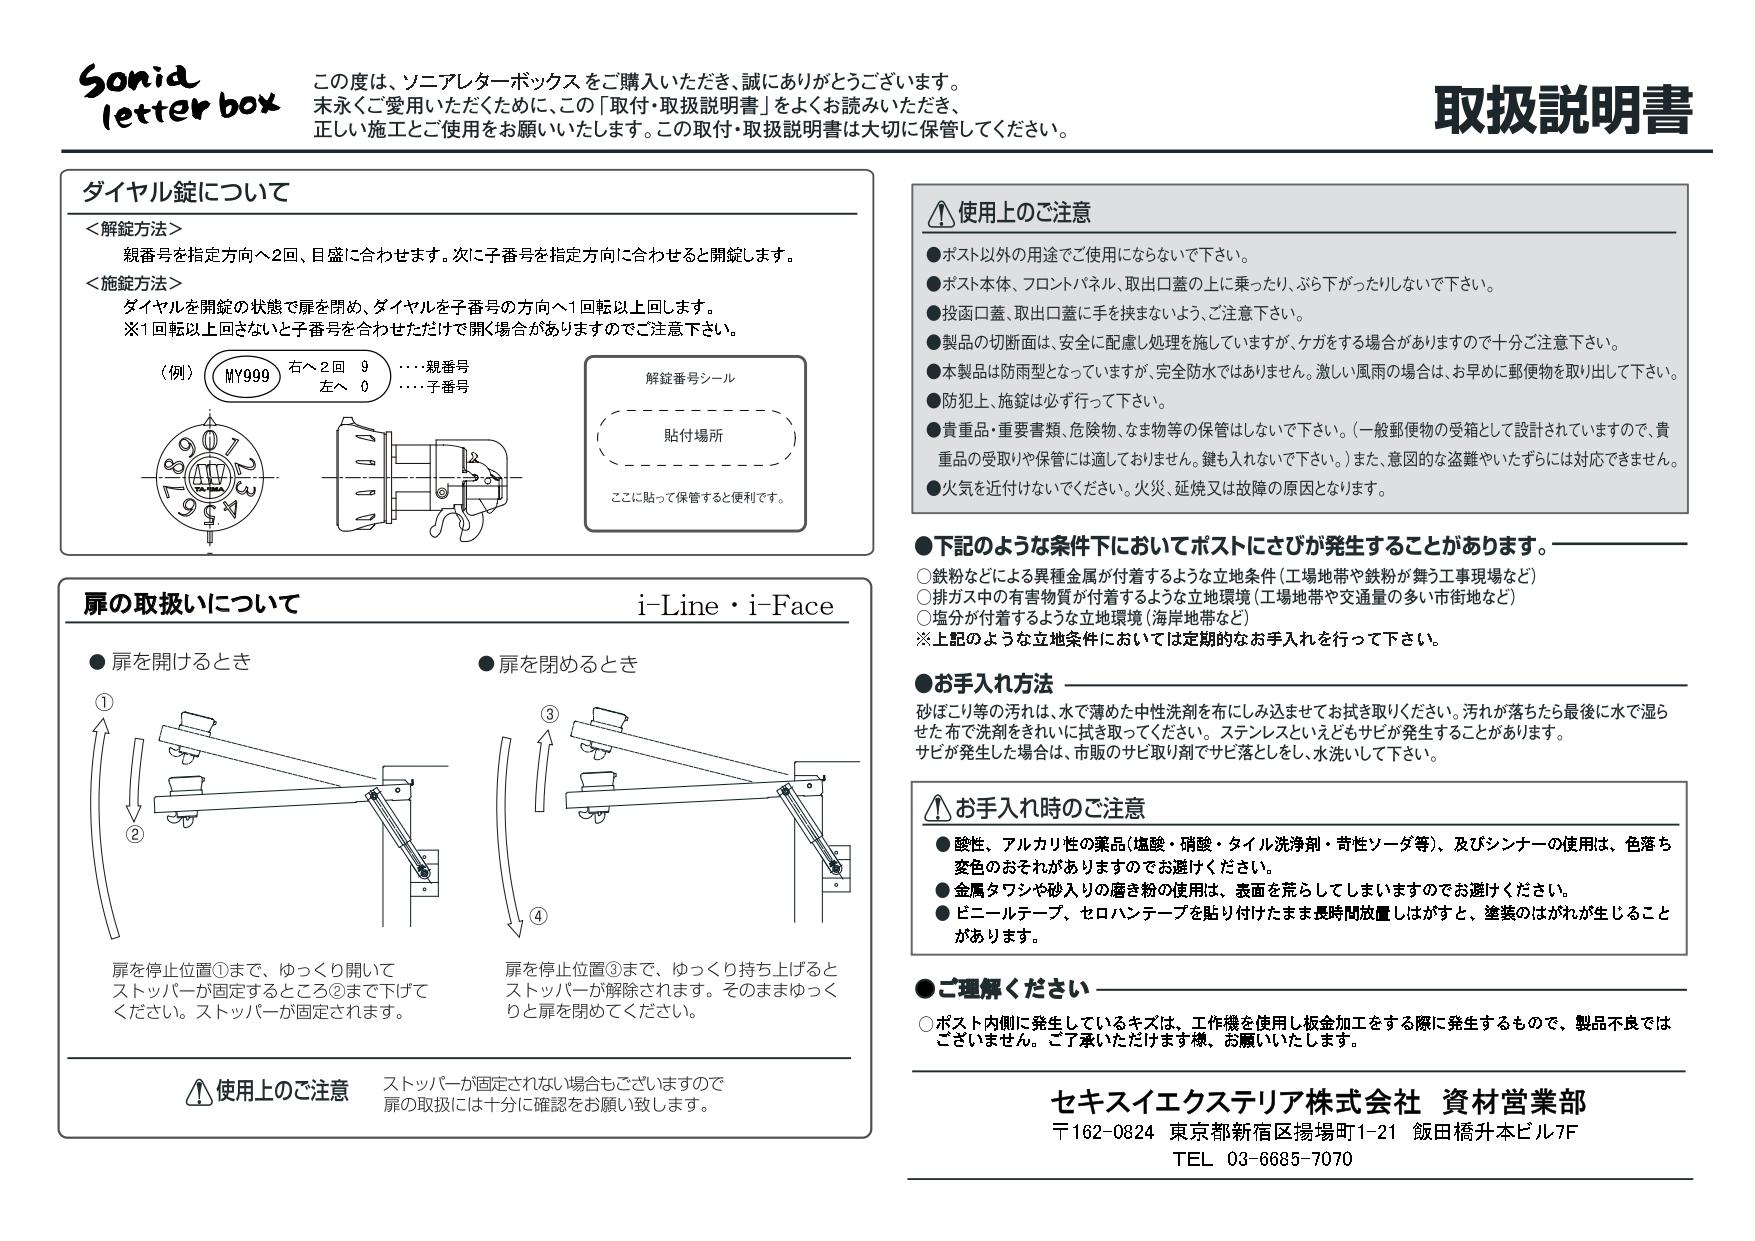 アイライン タイプR 施工説明書_page-0004